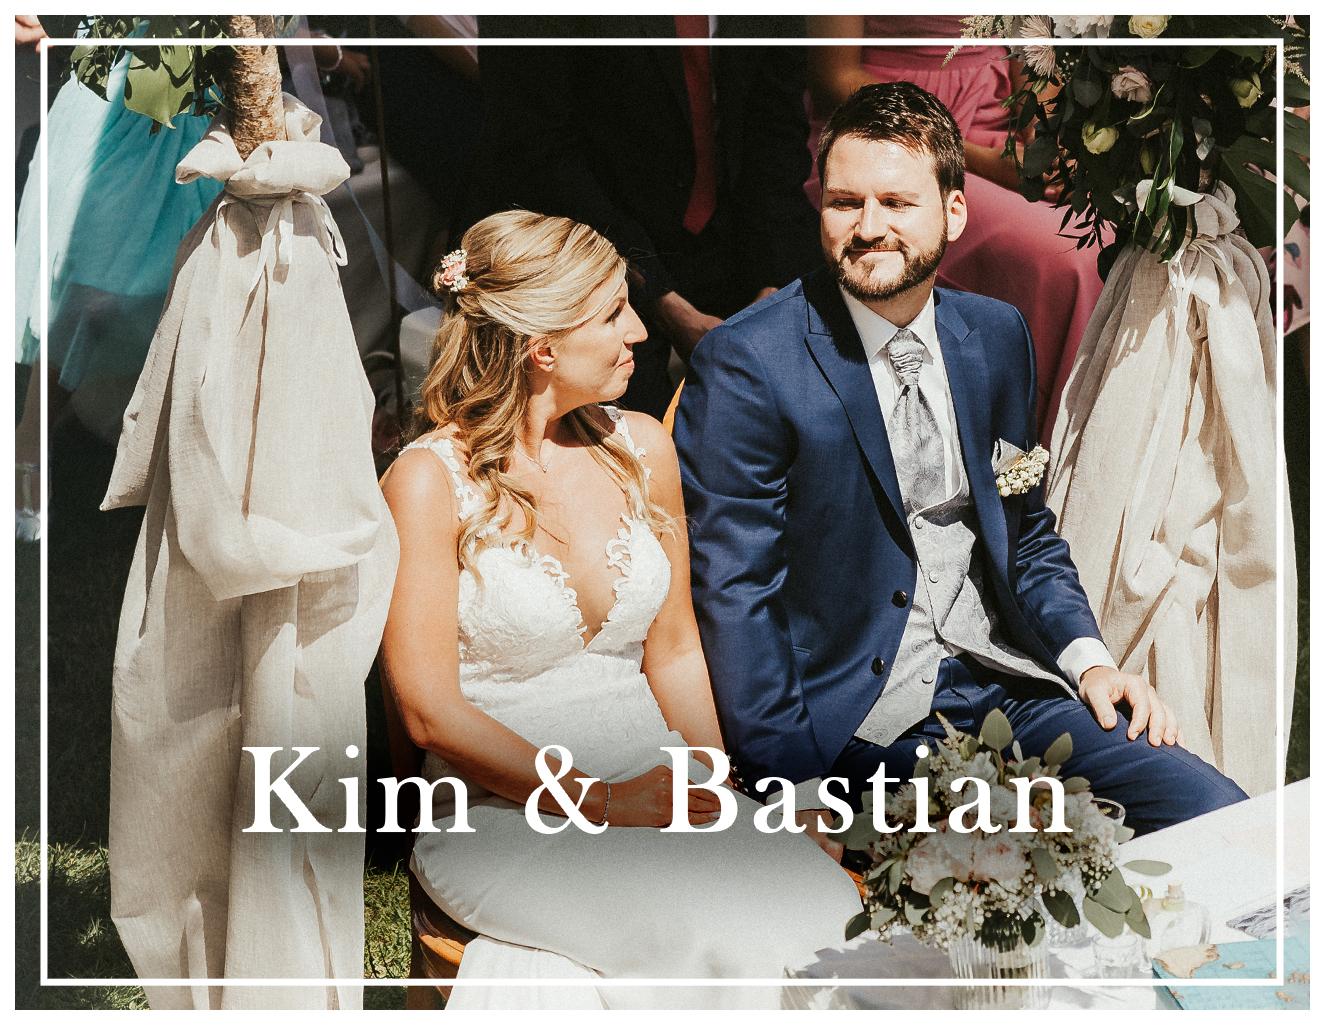 Kim und Bastian 4